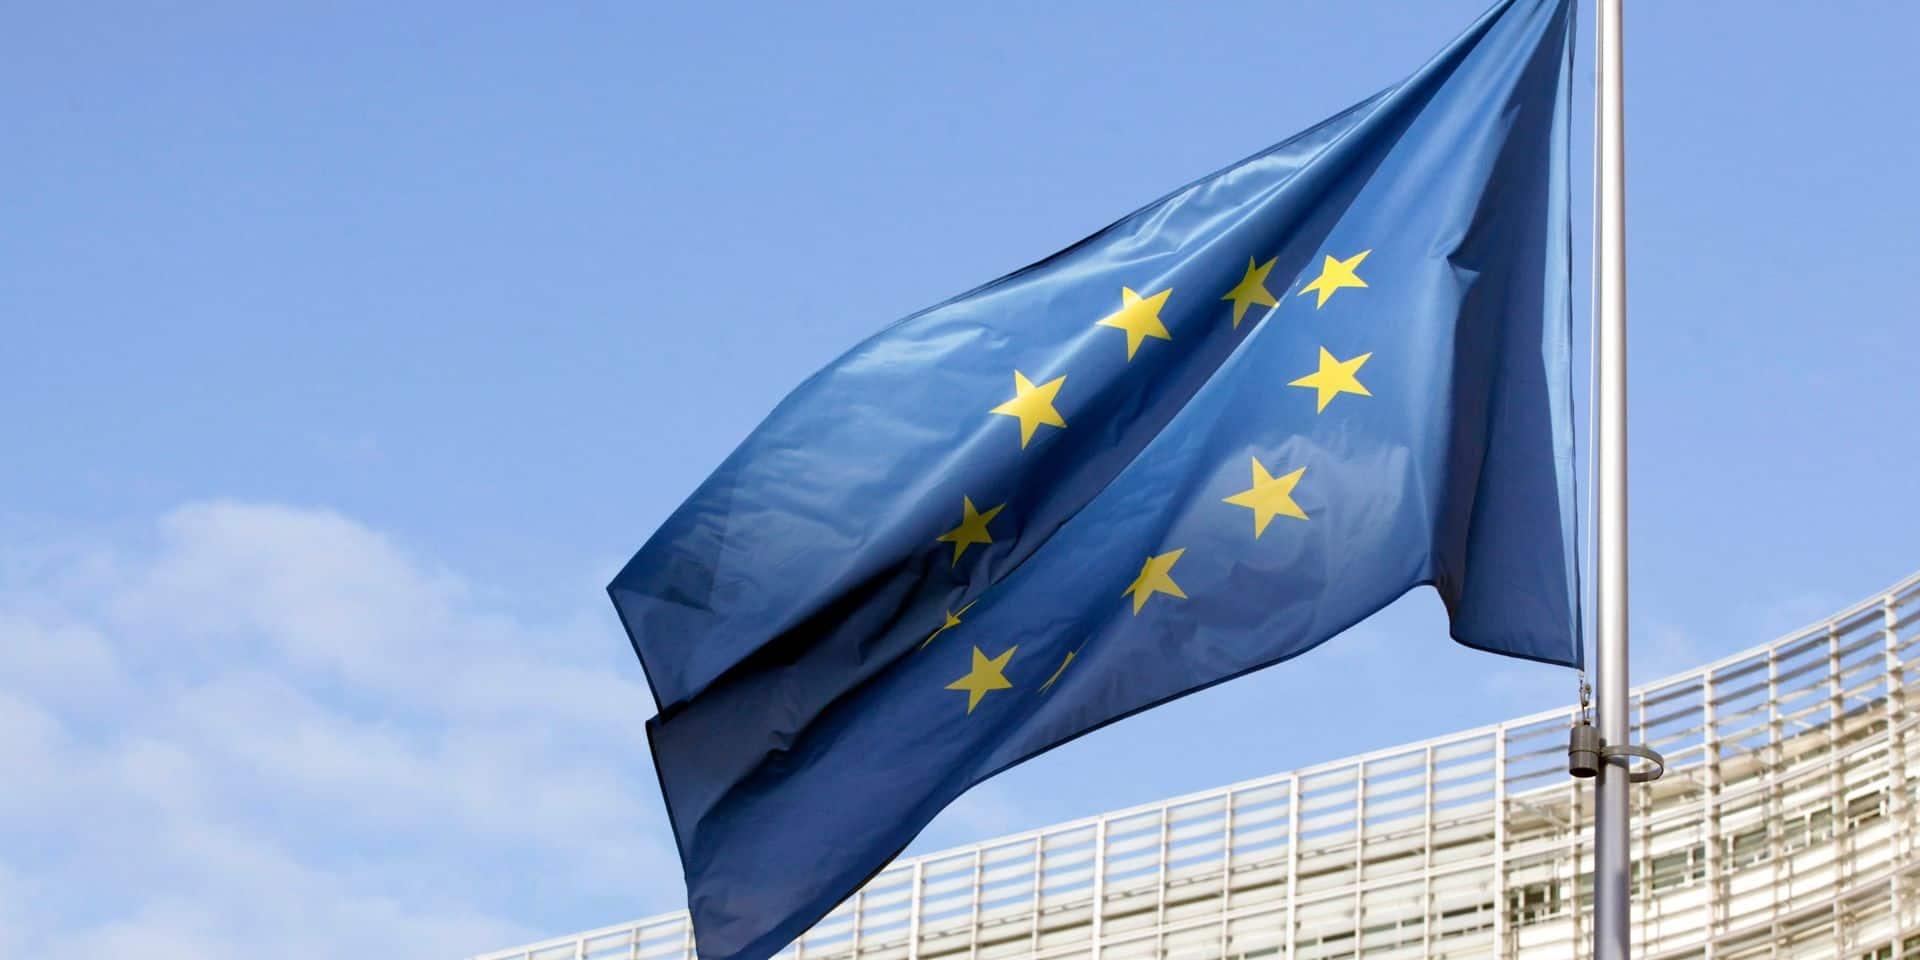 Brexit: feu vert des 27 pour l'application de l'accord au 1er janvier